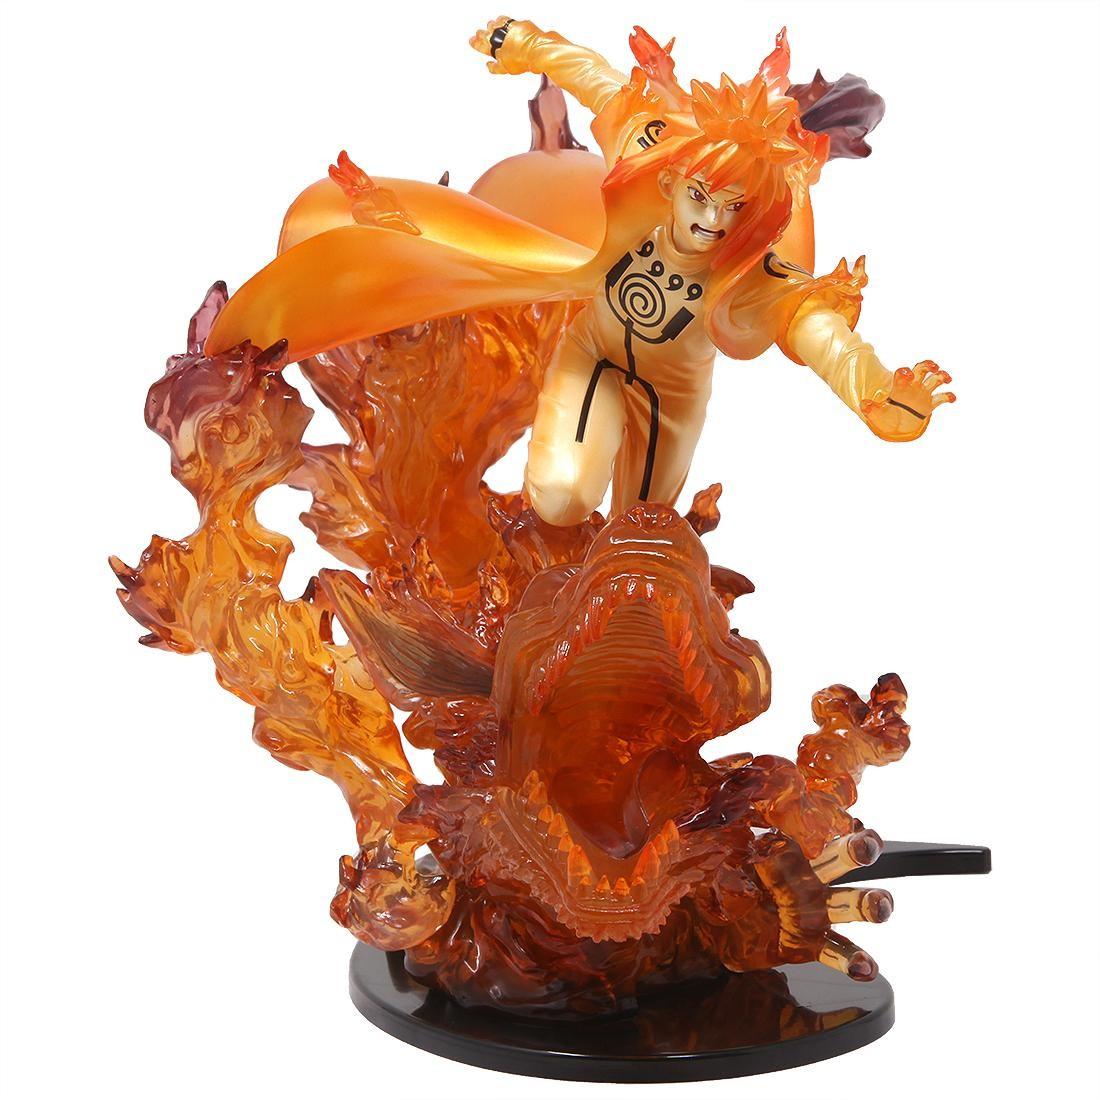 Bandai Figuarts Zero Naruto Shippuden Minato Namikaze Kurama Kizuna Figure (orange)